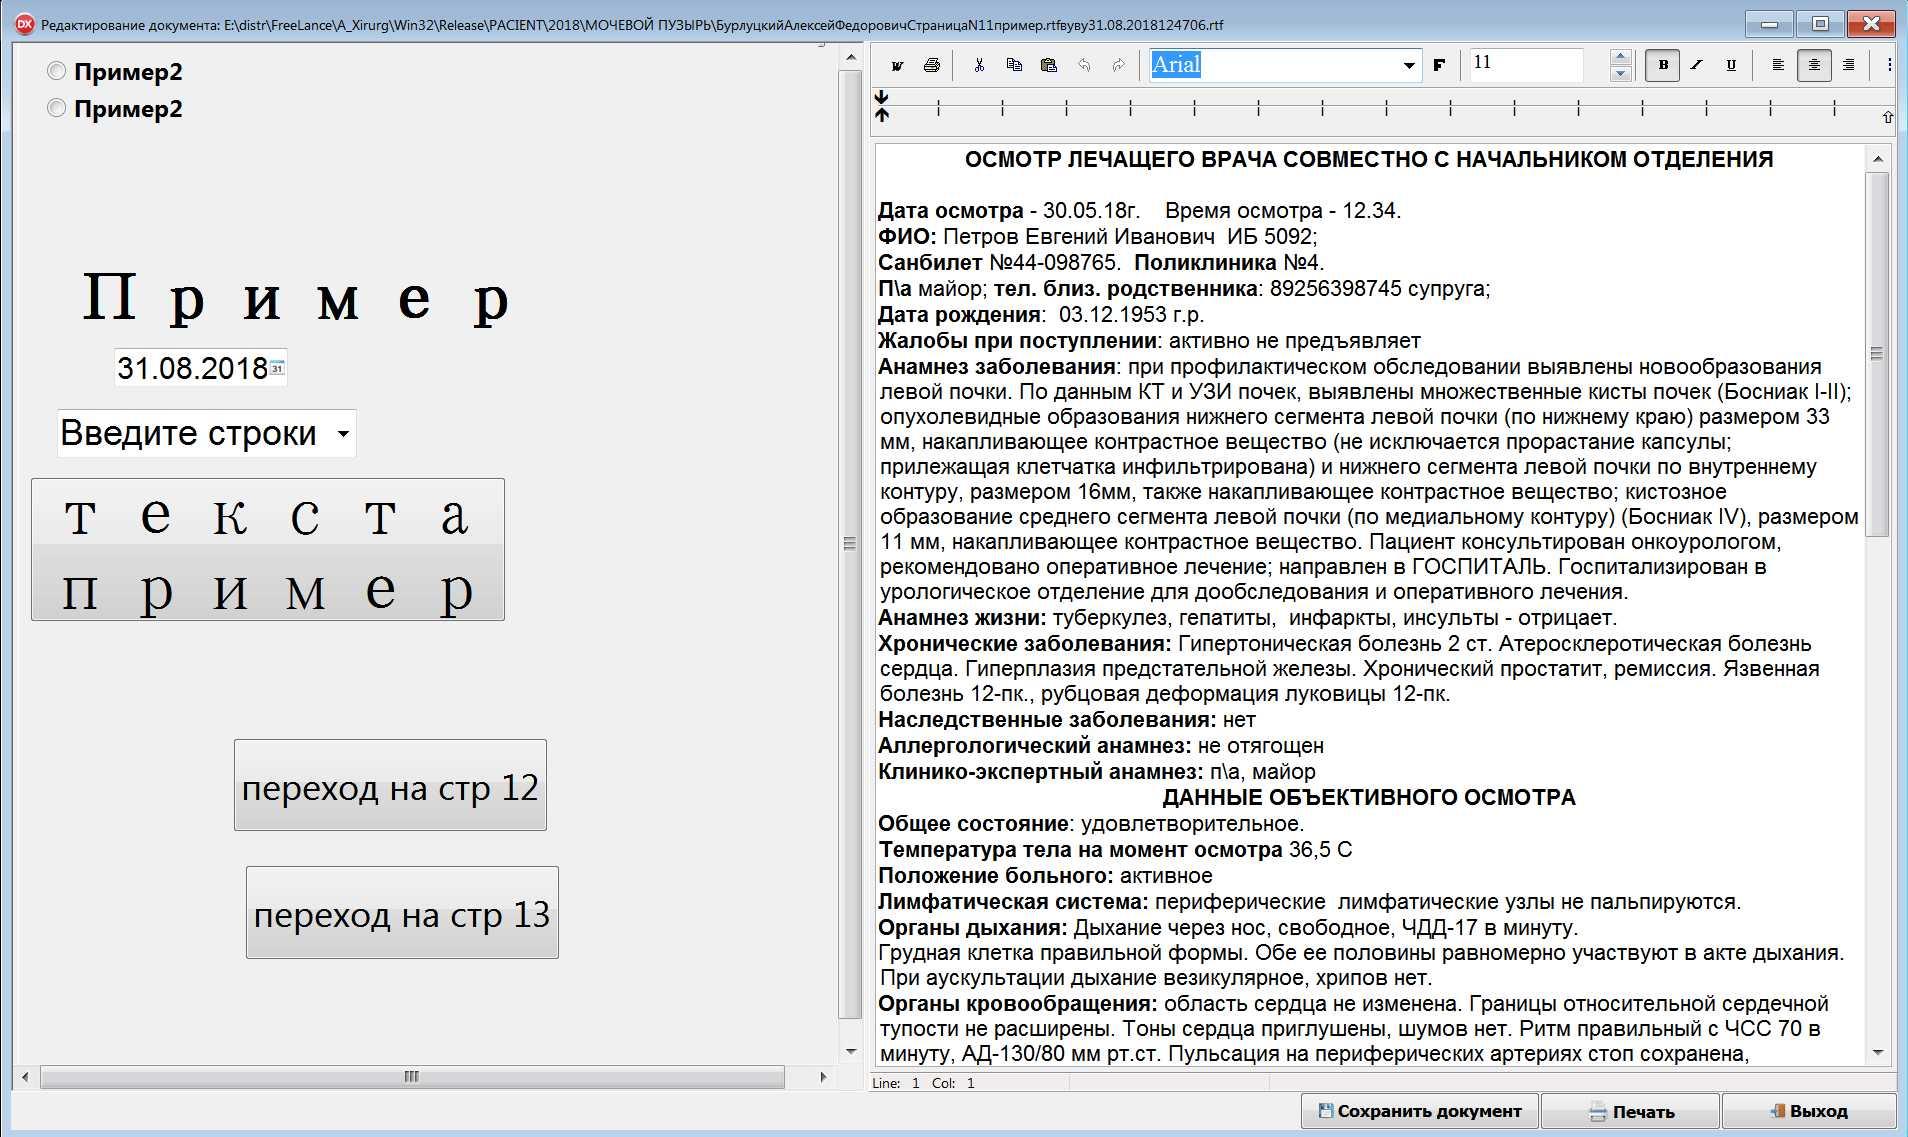 Медицина -2018 СРМ локальная версия по электронному документообороту в медучреждении